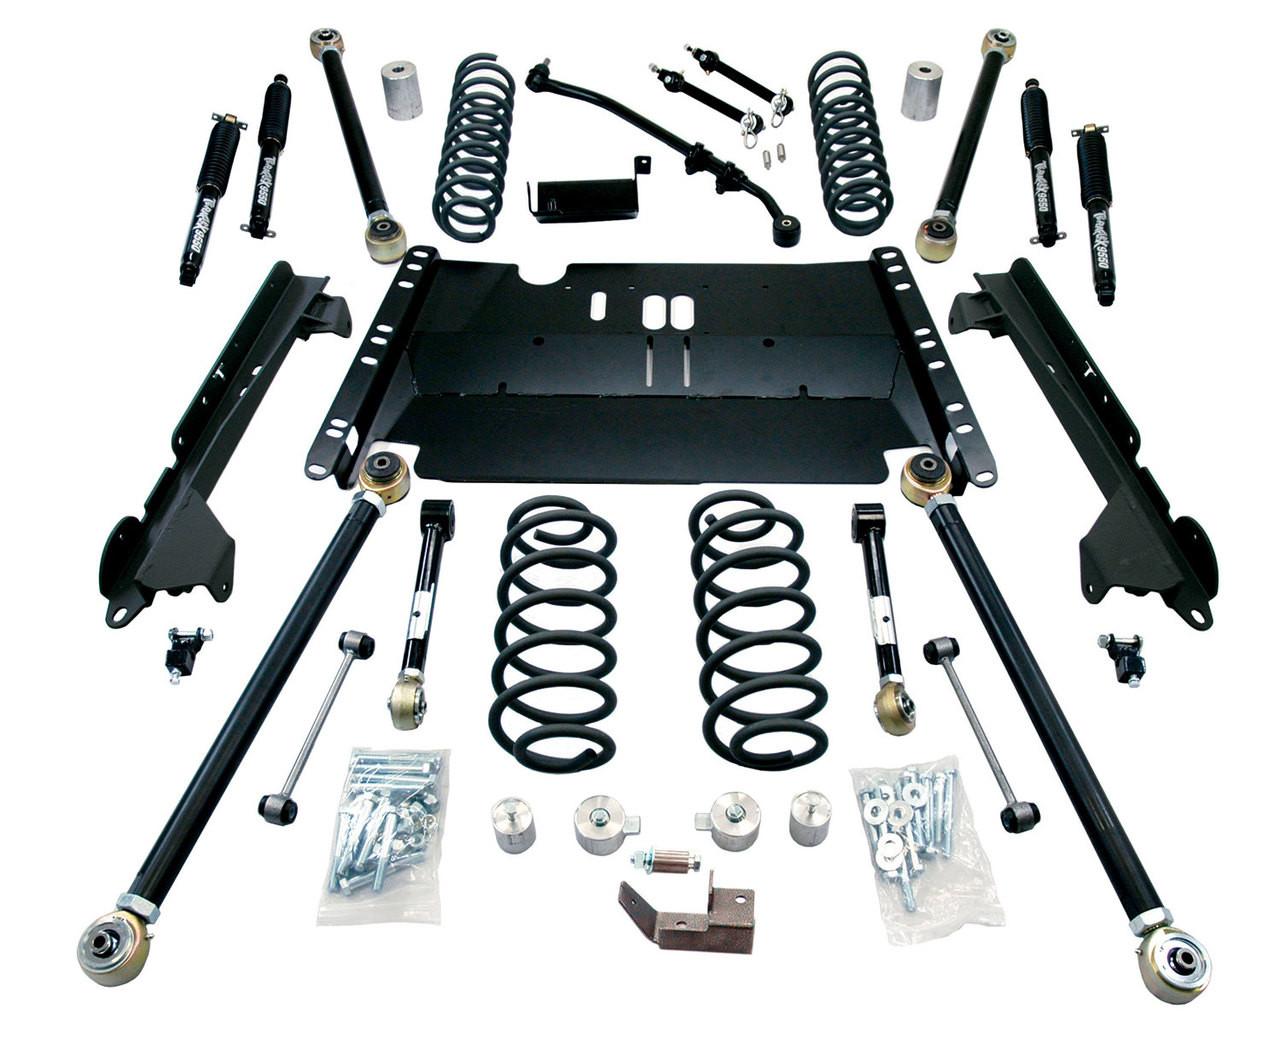 """TeraFlex 1249382 3"""" Enduro LCG Lift Kit with Shocks for Jeep Wrangler LJ 2003-2006"""